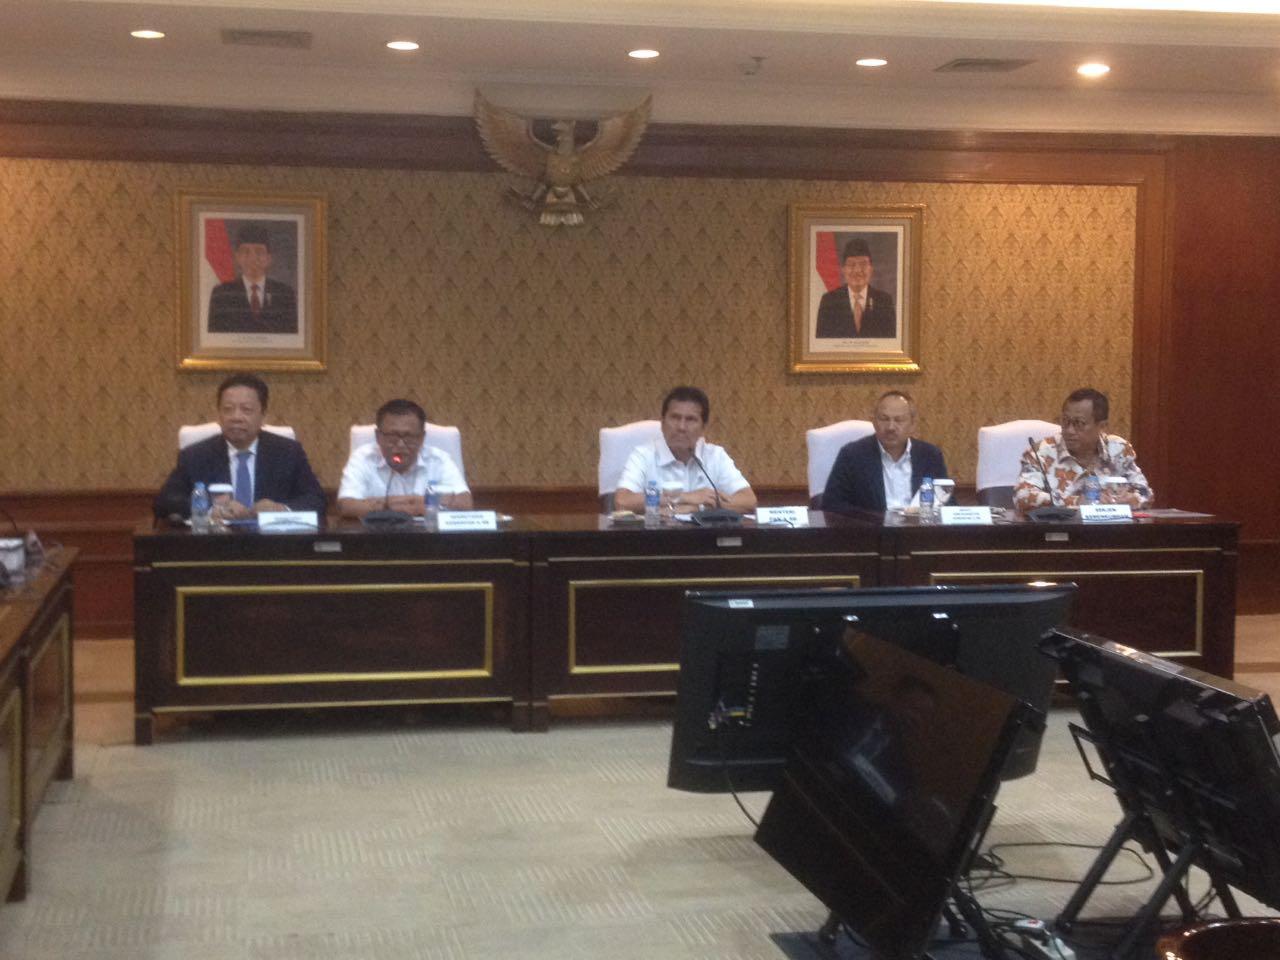 Menpan dan RB Asman Abnur saat konperensi pers pengumuman penerimaan CPNS MA untuk calon hakim dan CPNS Kemenkumham di Gedung Kemenpan-RB Jakarta, Selasa (11/07). Foto: AID